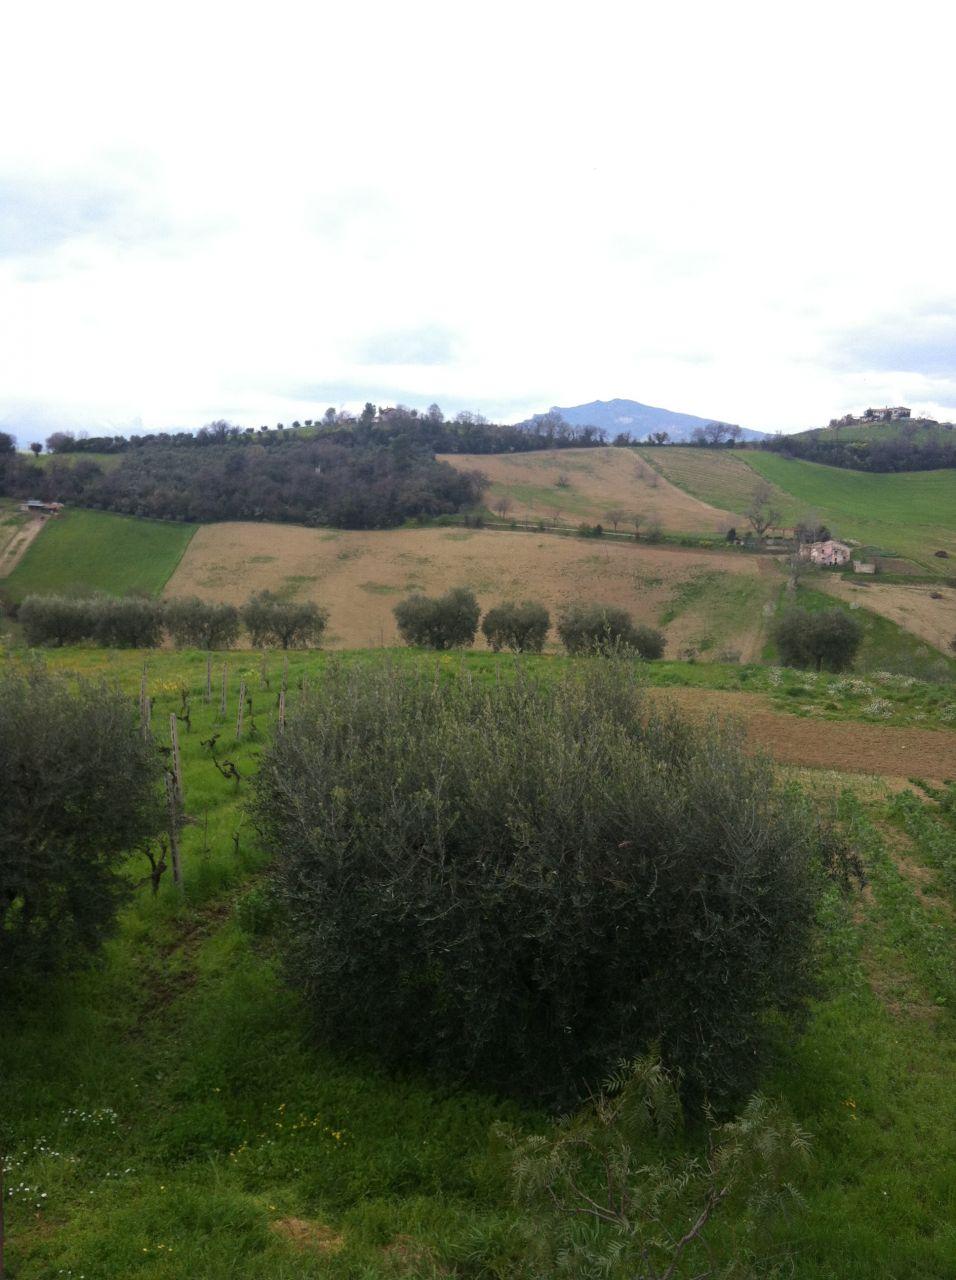 Terreno Agricolo in vendita a Castorano, 9999 locali, zona Località: SanSilvestro, prezzo € 125.000 | CambioCasa.it